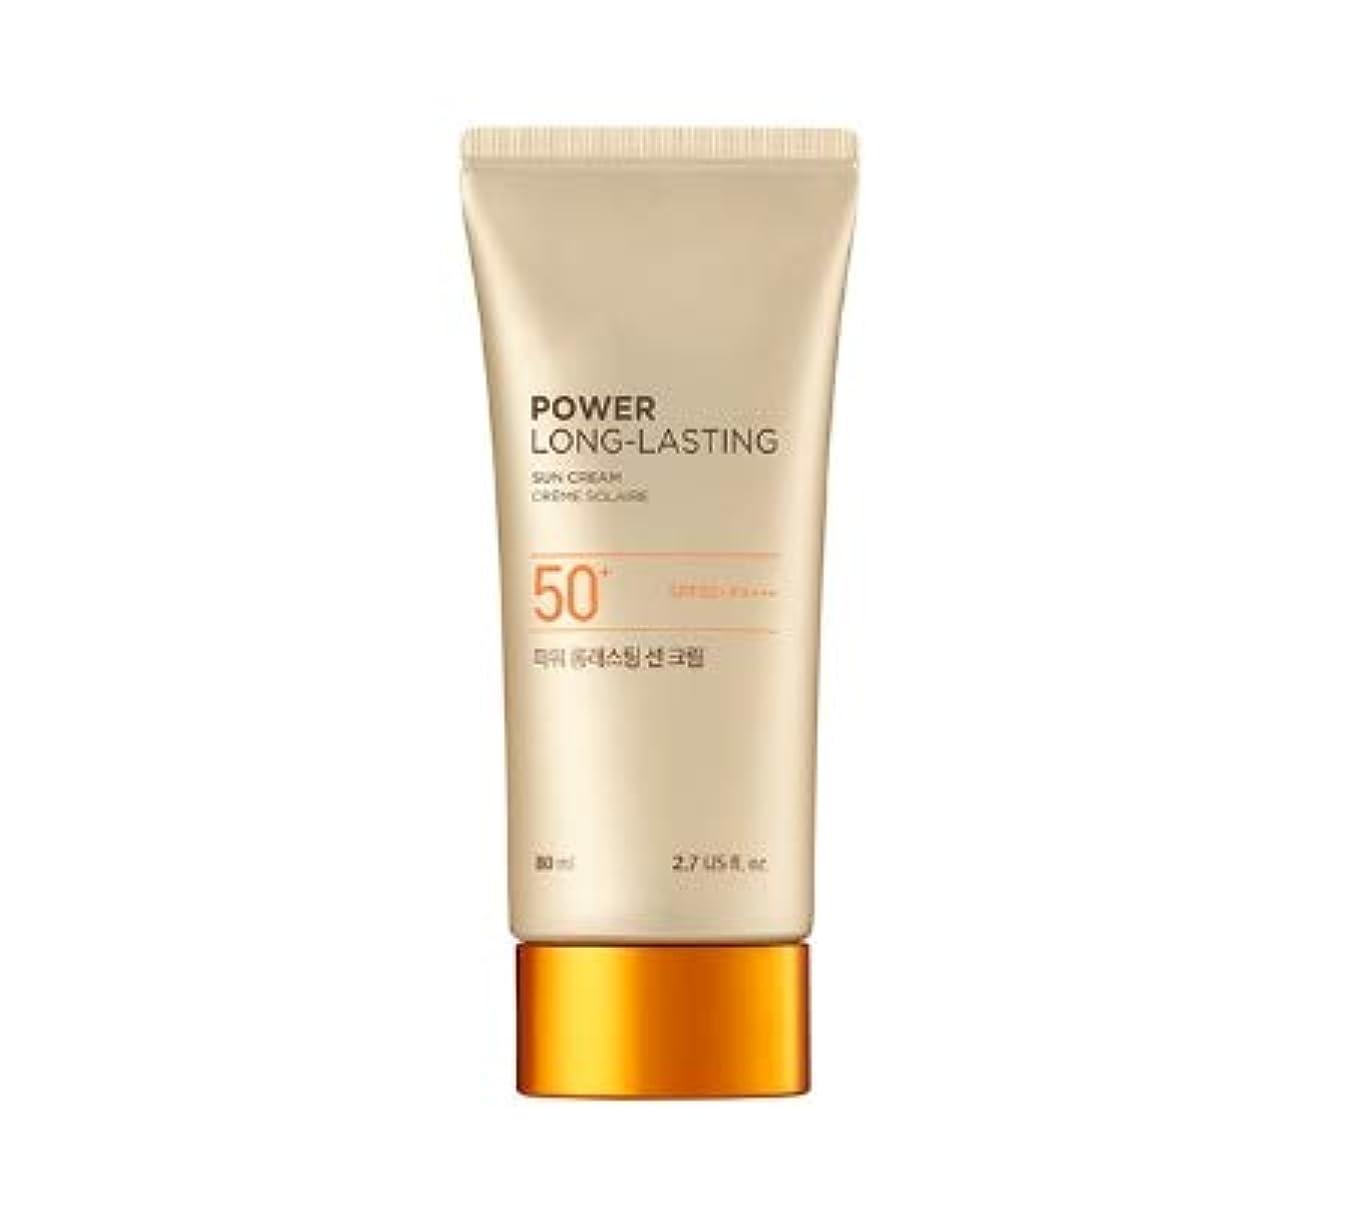 親漏れキャンバスThe Face ShopフェイスショップパワーロングラスティングサンクリームSPF50 + PA +++韓国の有名化粧品ブランドの人気日焼け止め皮膚の保護のスキンケアのしわ防止